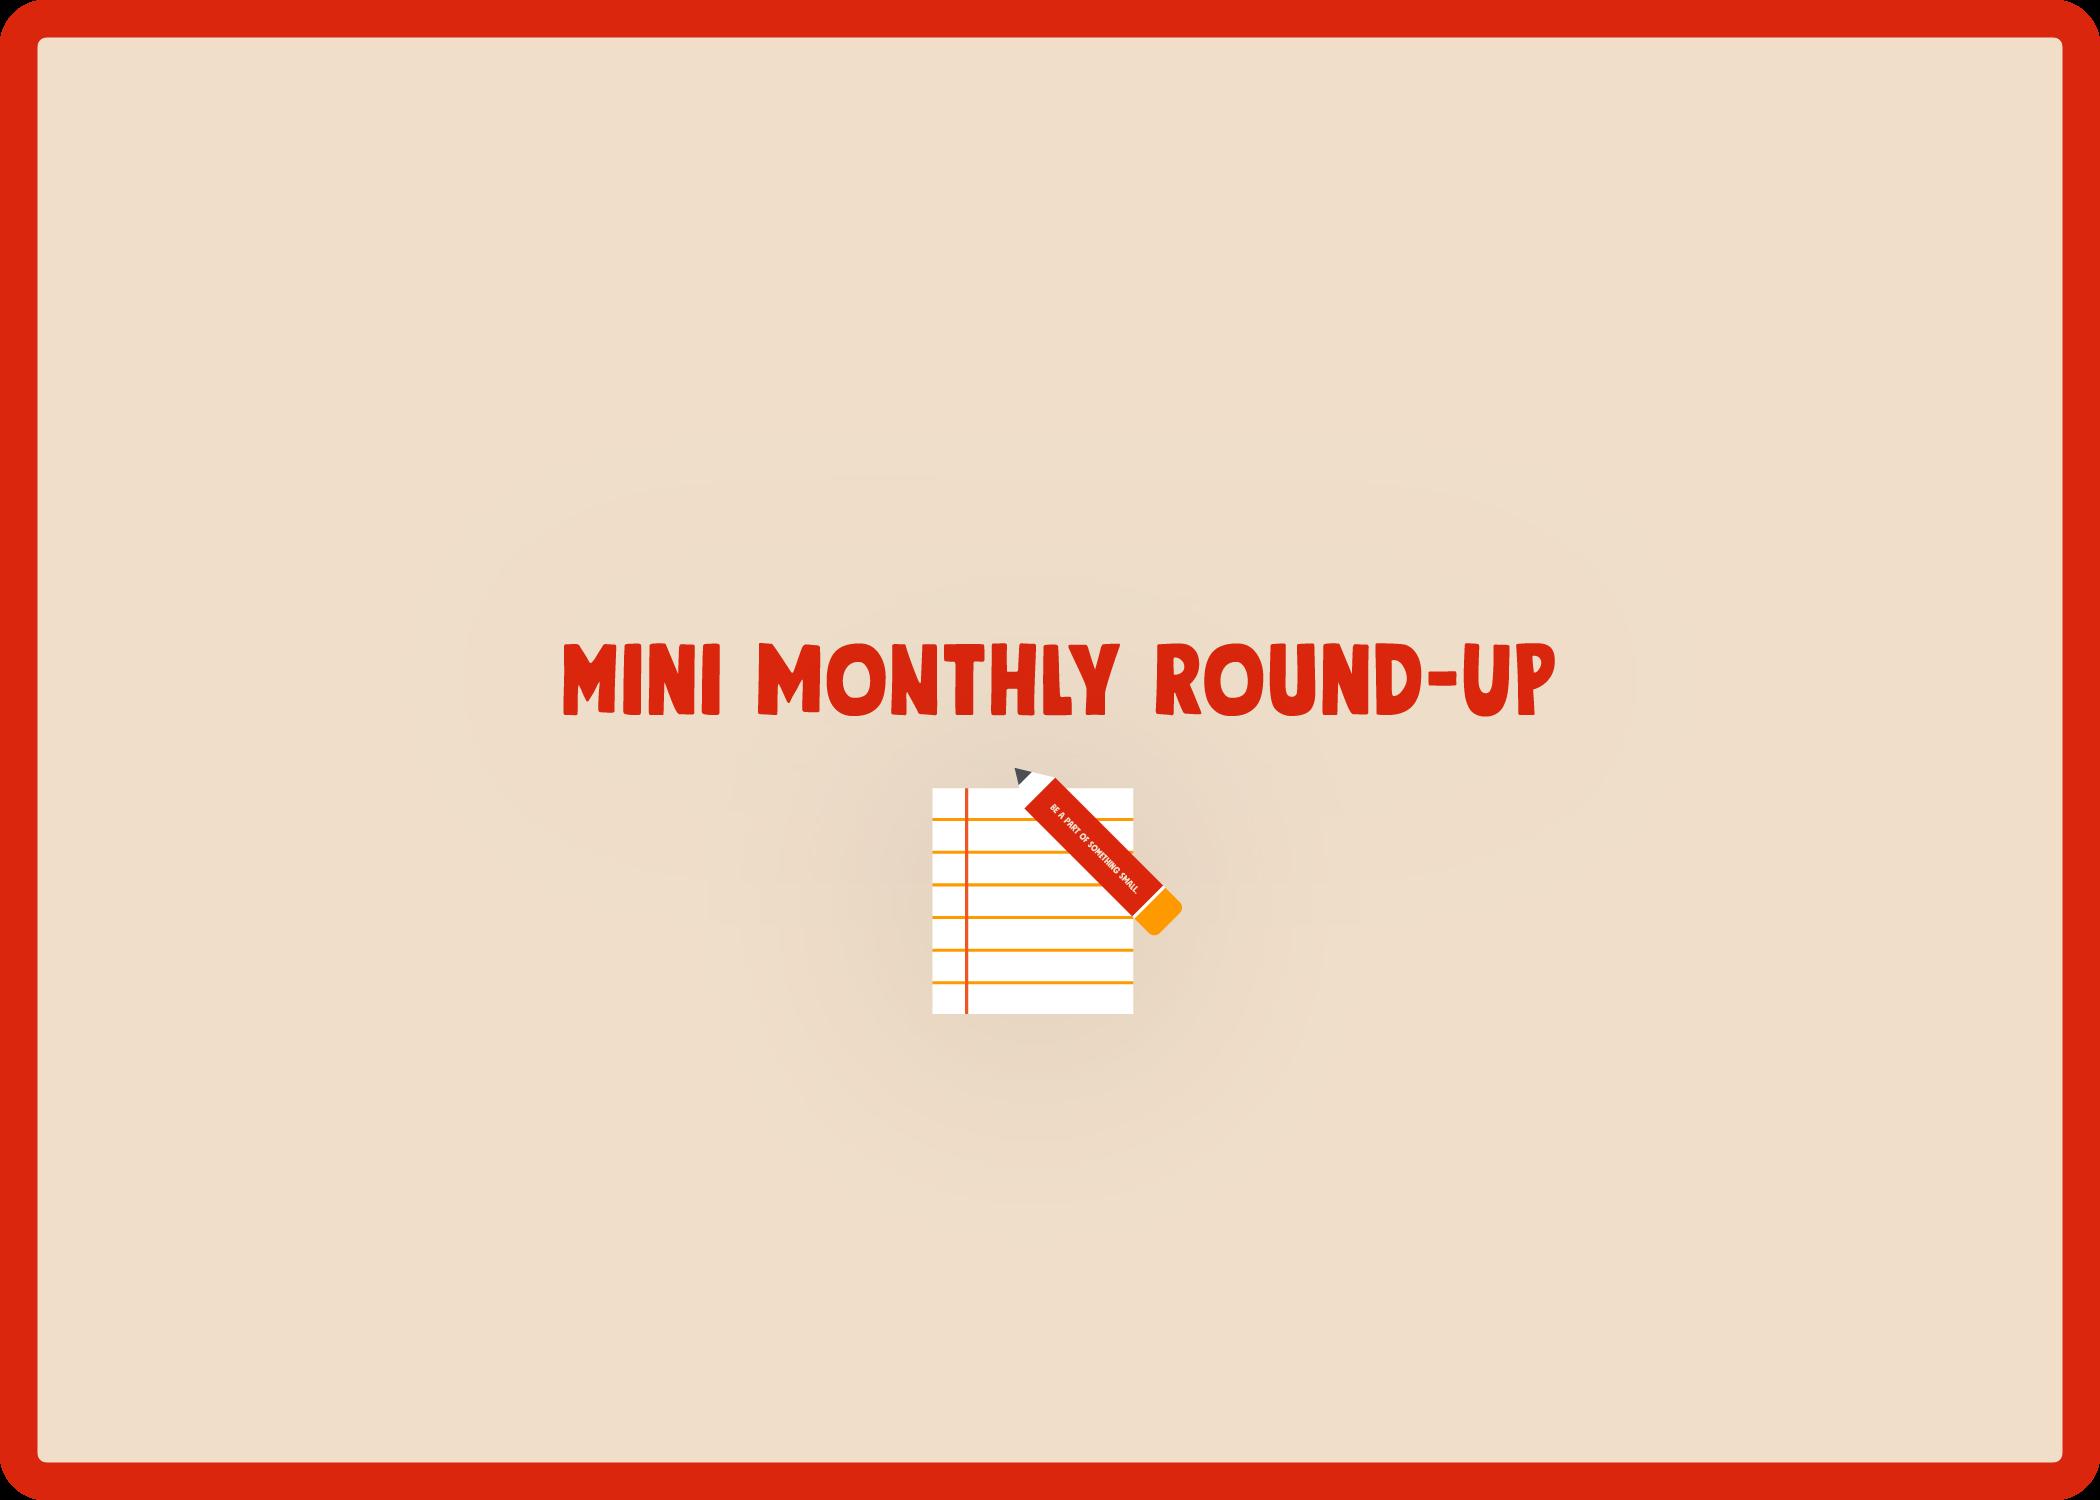 Mini Monthly Round-Up